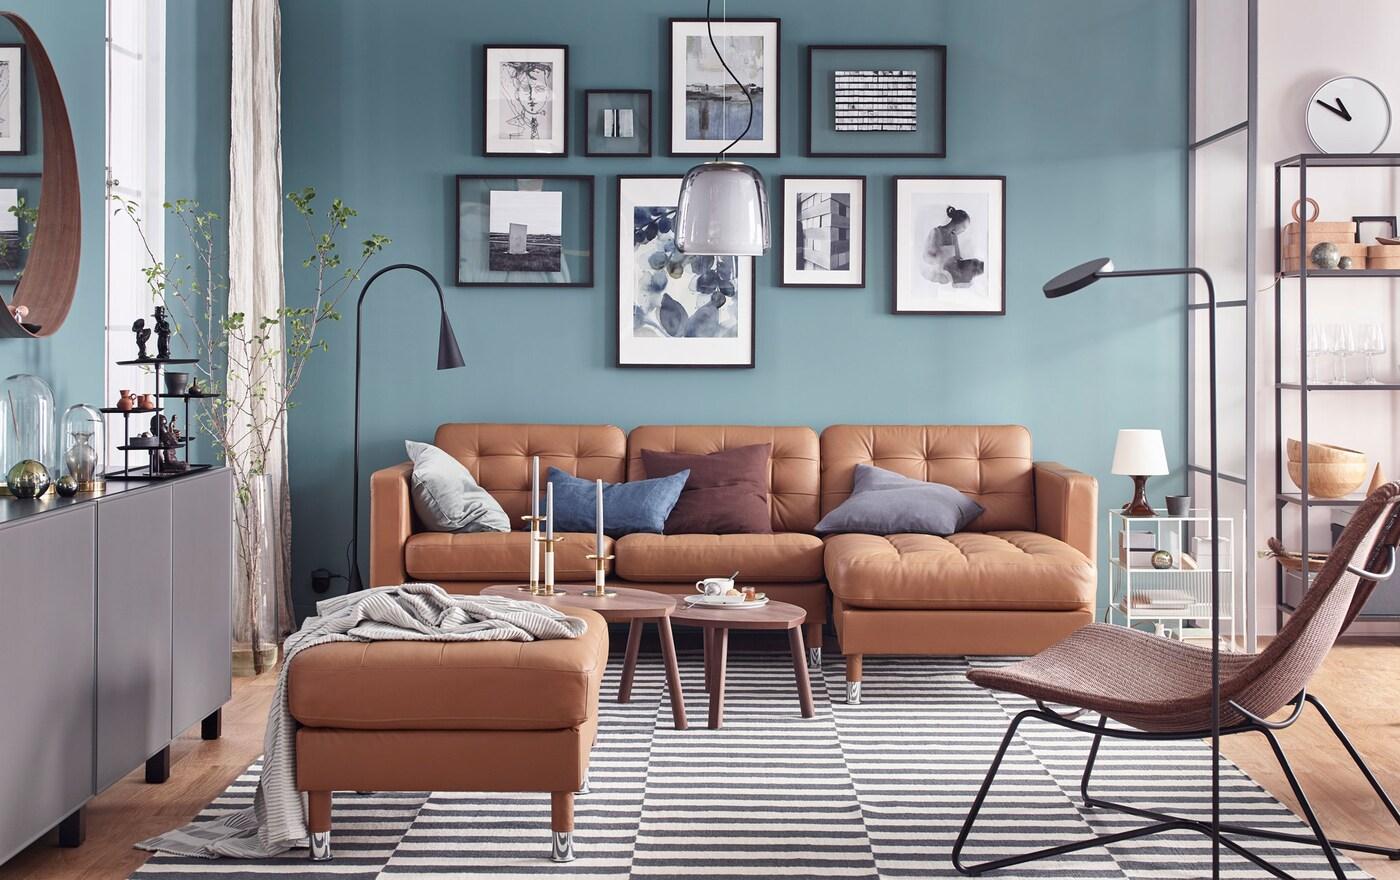 Sisusta olohuone ylellisesti kohtuuhintaan. Kullanruskea IKEA LANDSKRONA nahkasohva, jossa on täydellisesti istuva nahkapäällinen, pehmeät irrotettavat käsinojat ja nappikoristeet, sekä LANDSKRONA divaani.